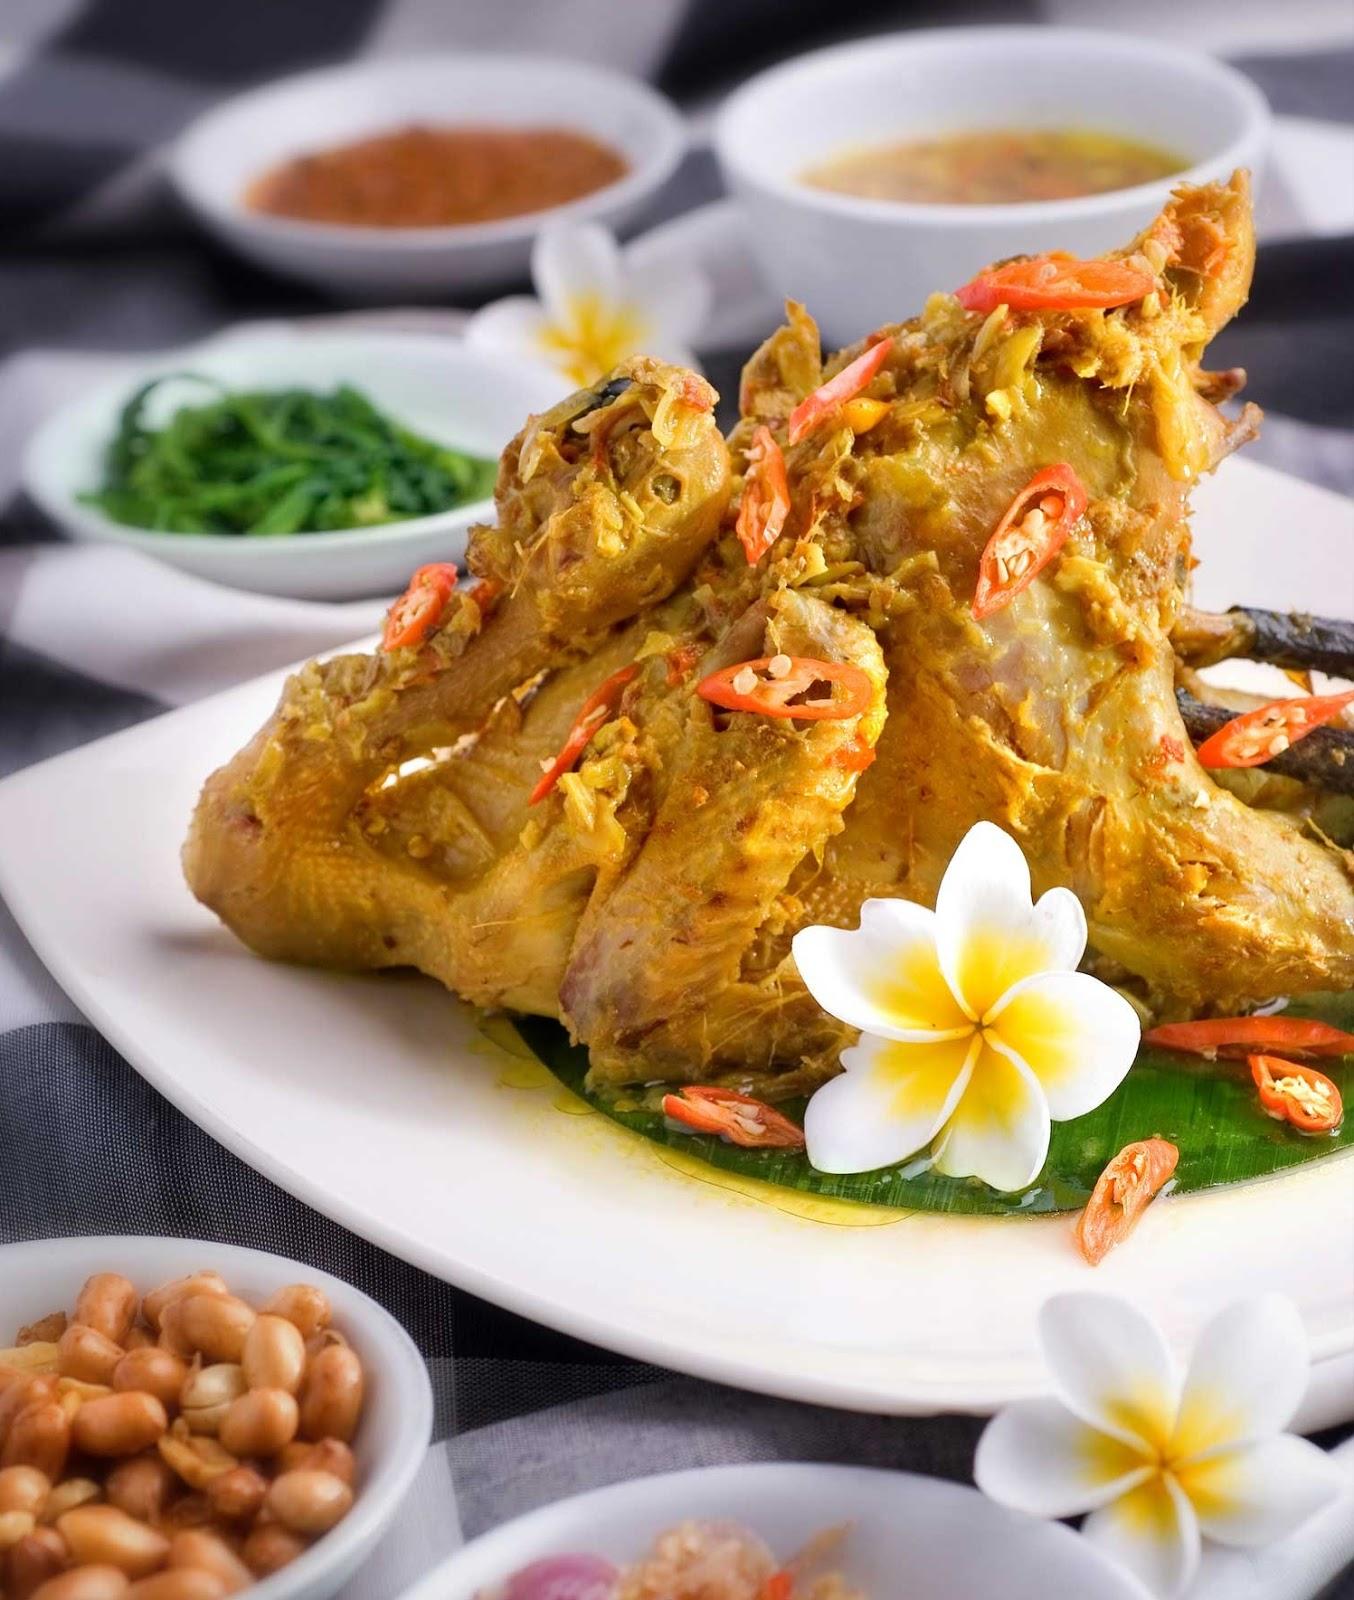 Masakan Ayam Betutu yang merupakan salah satu Masakan yang berasal